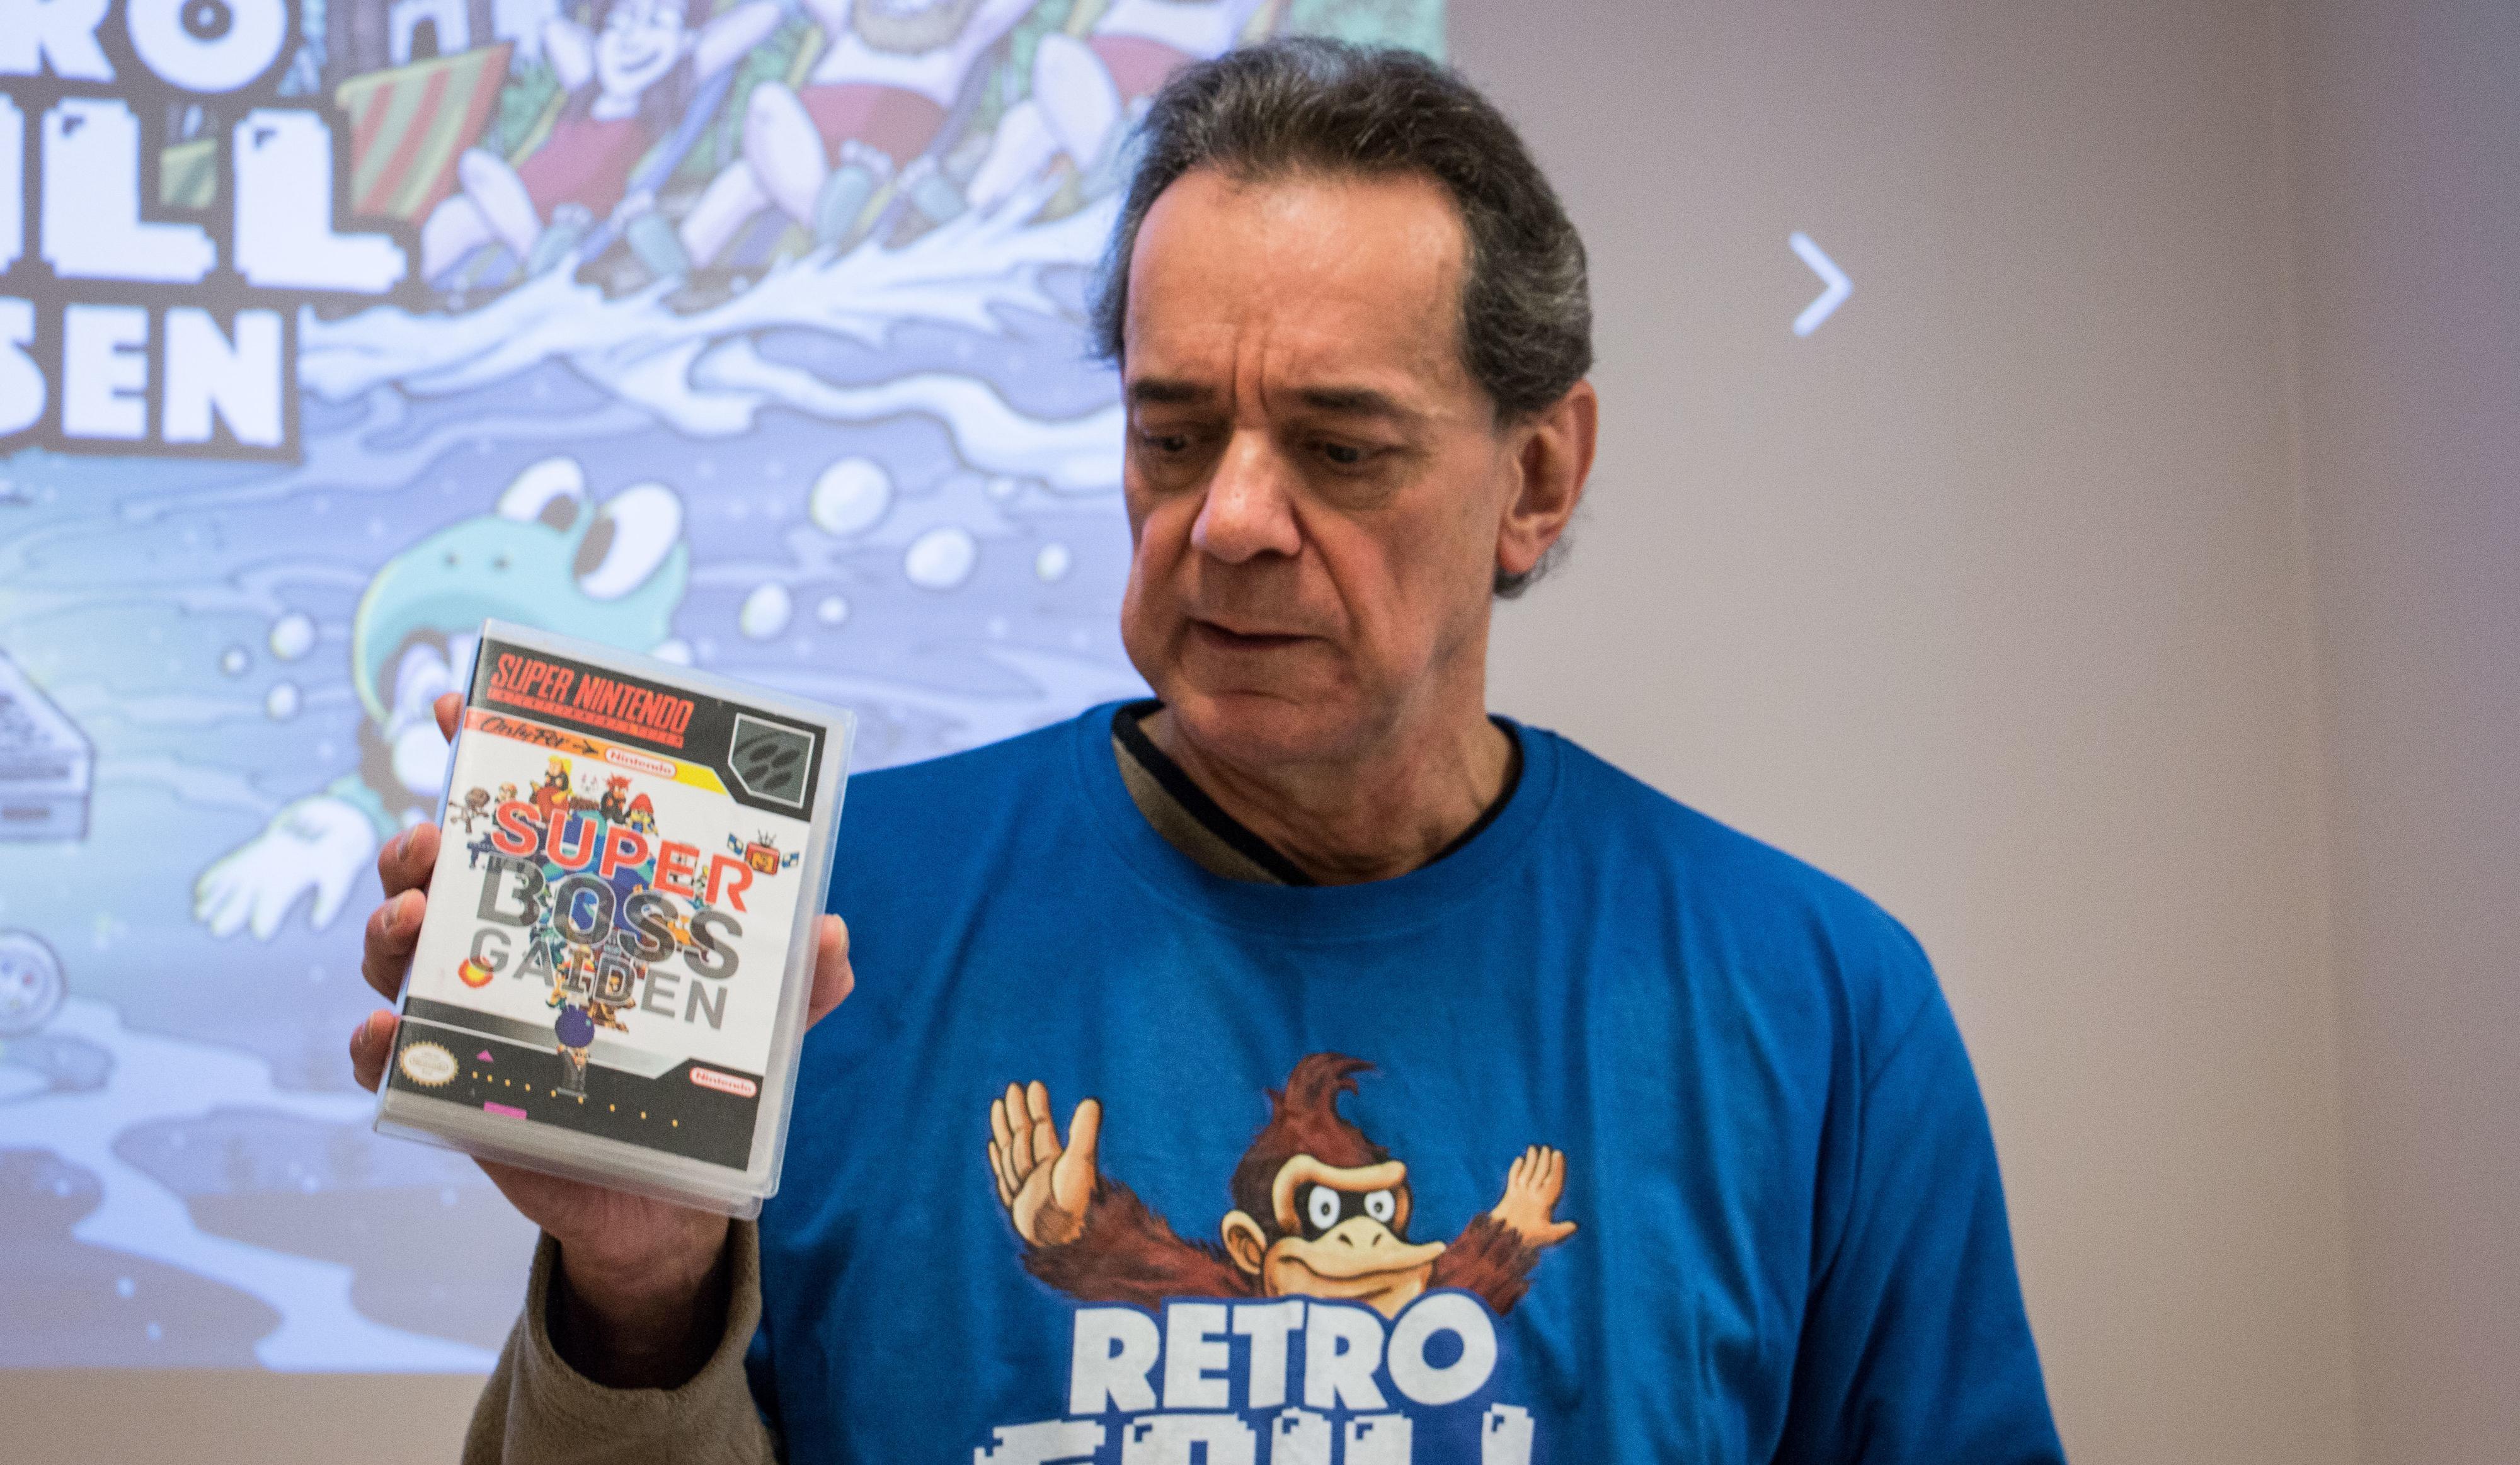 Super Boss Gaiden har til og med fått et skikkelig etui, og Terry Diebold tar med seg spillet hver gang han reiser med spillkonsollen.